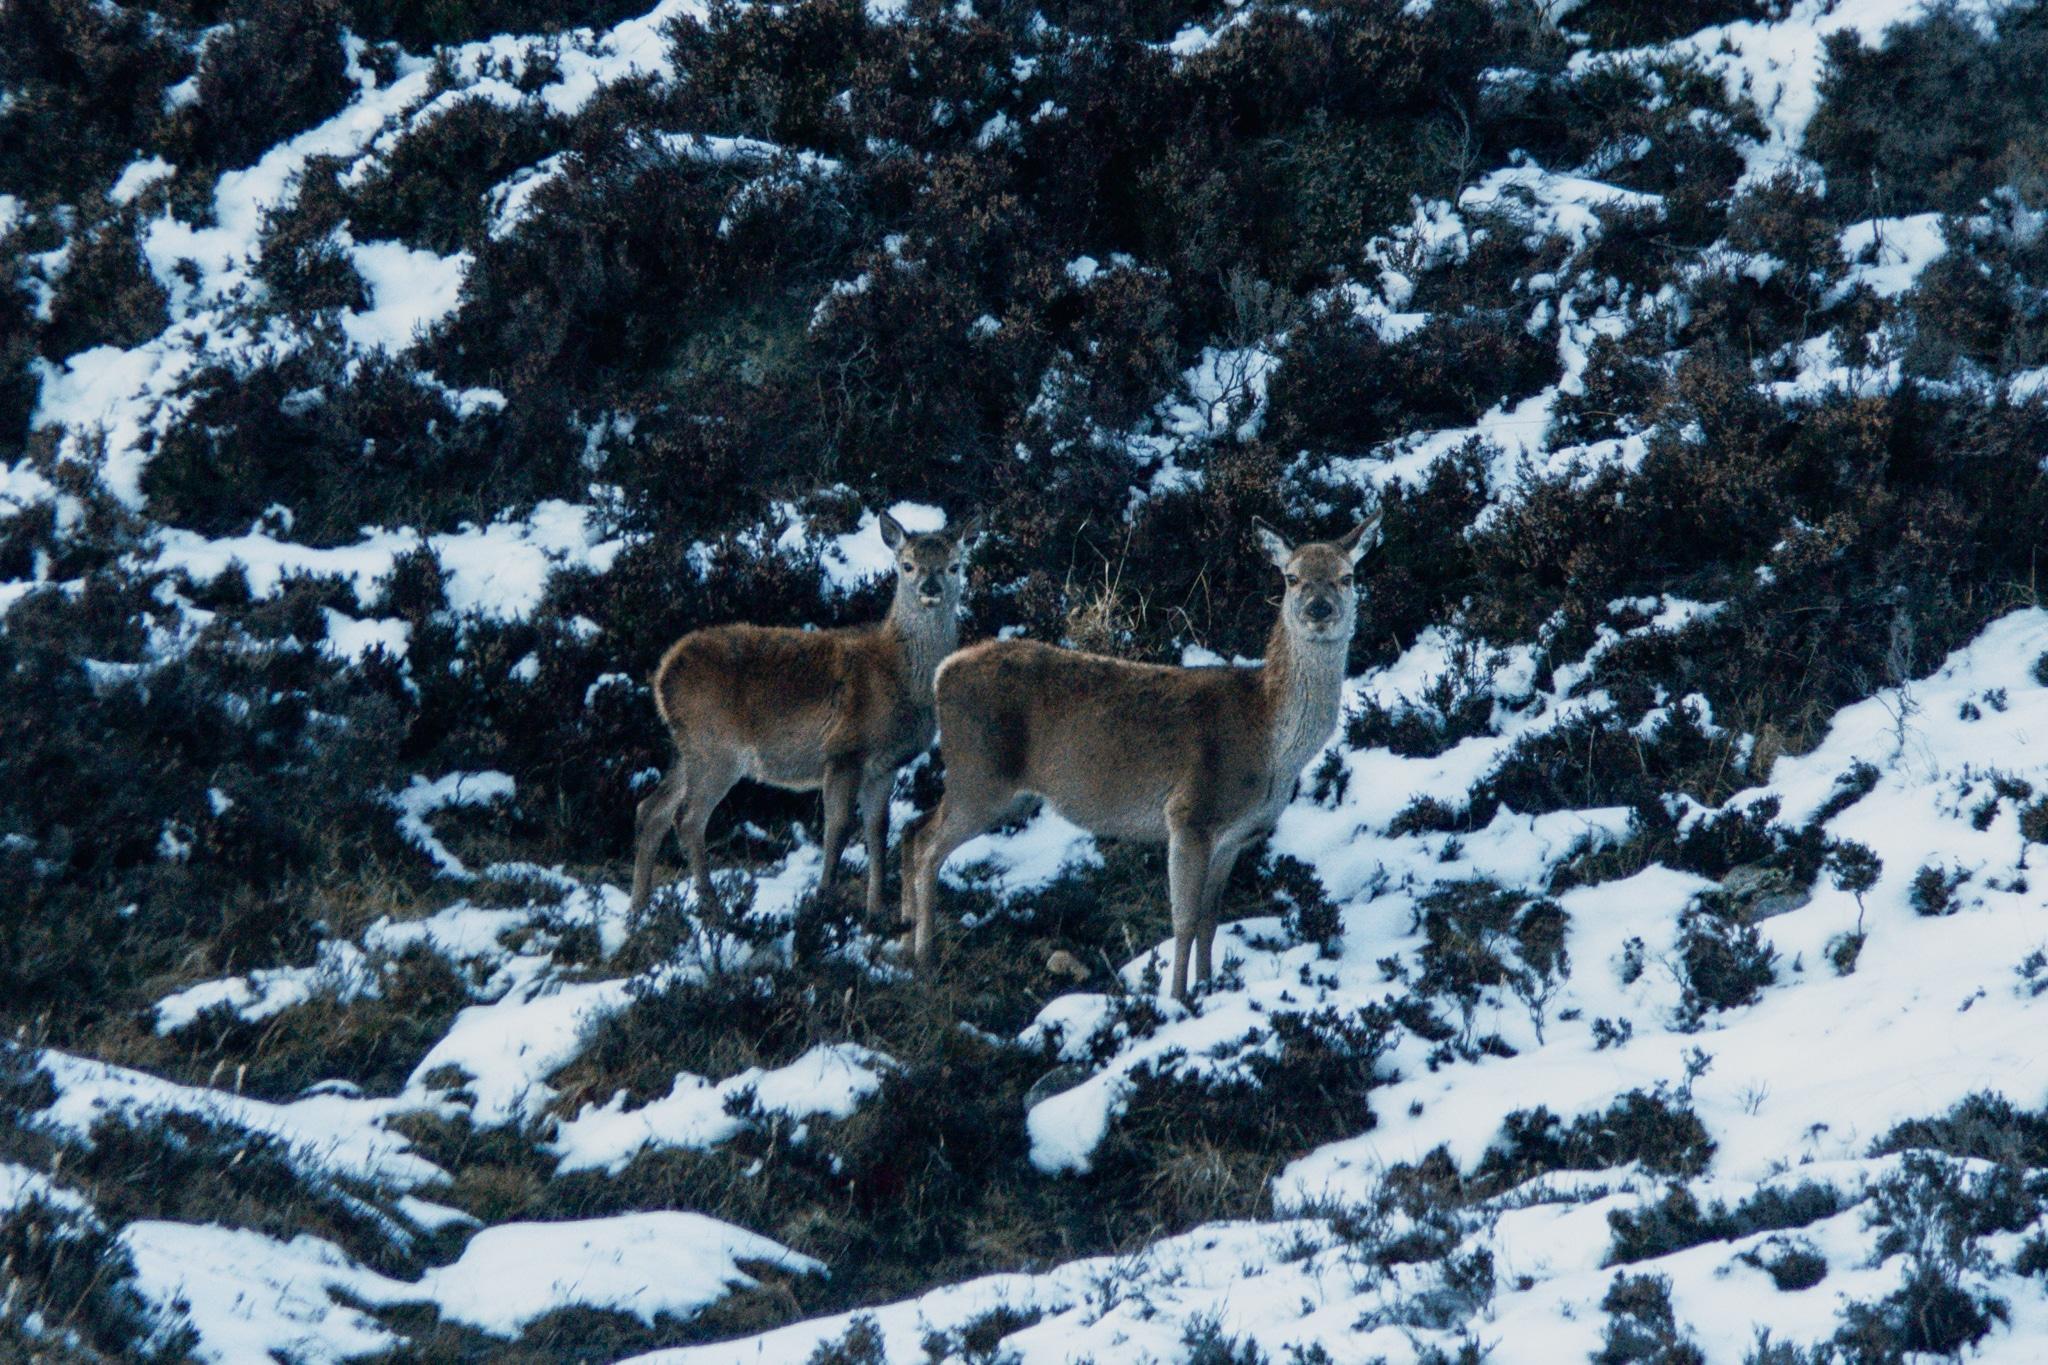 Cairngorms Nationalpark: Die SnowRoads Scenic Route in den Highlands - Wanderung zum Loch Callater